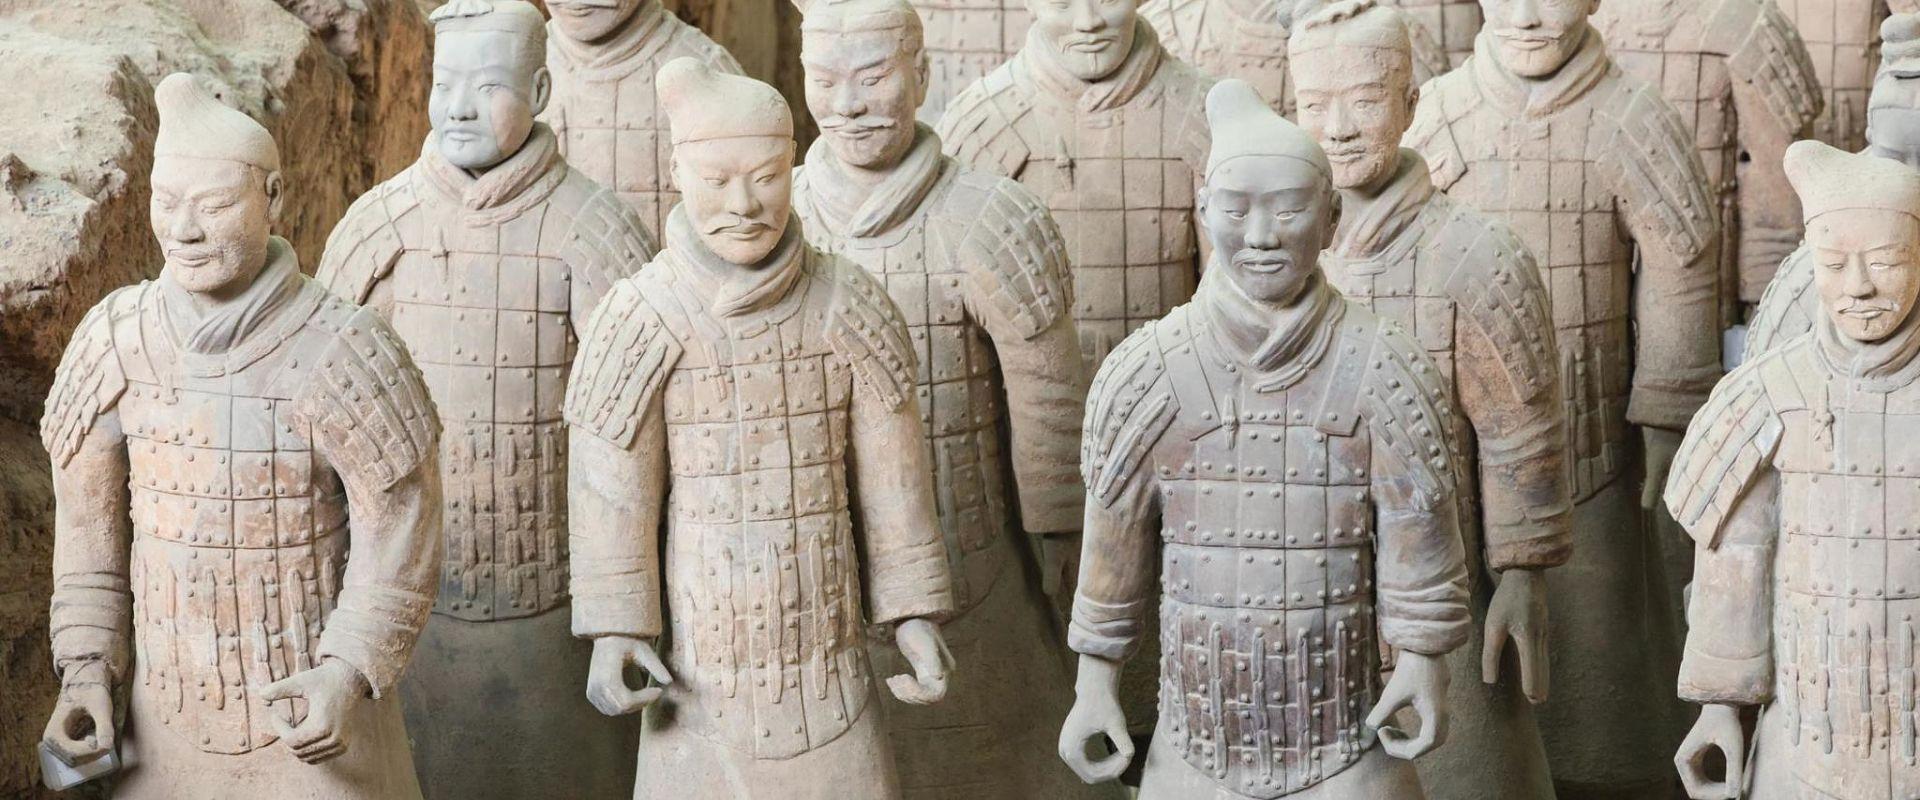 soldats en terre cuite de Qin Shi Huandi